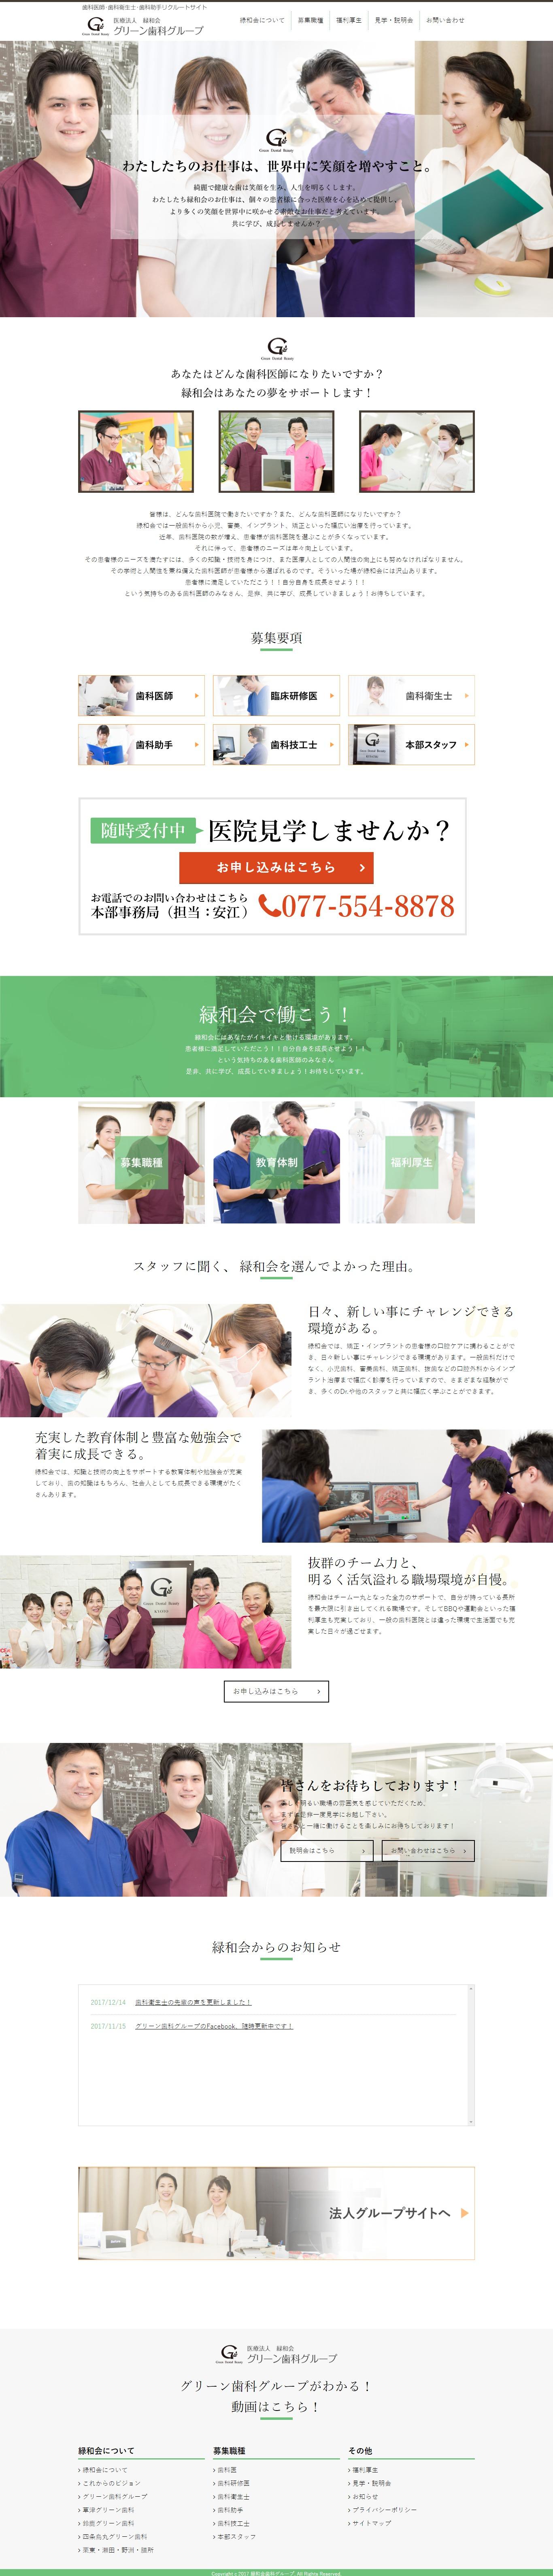 緑和会 グリーン歯科グループリクルートサイトサイト